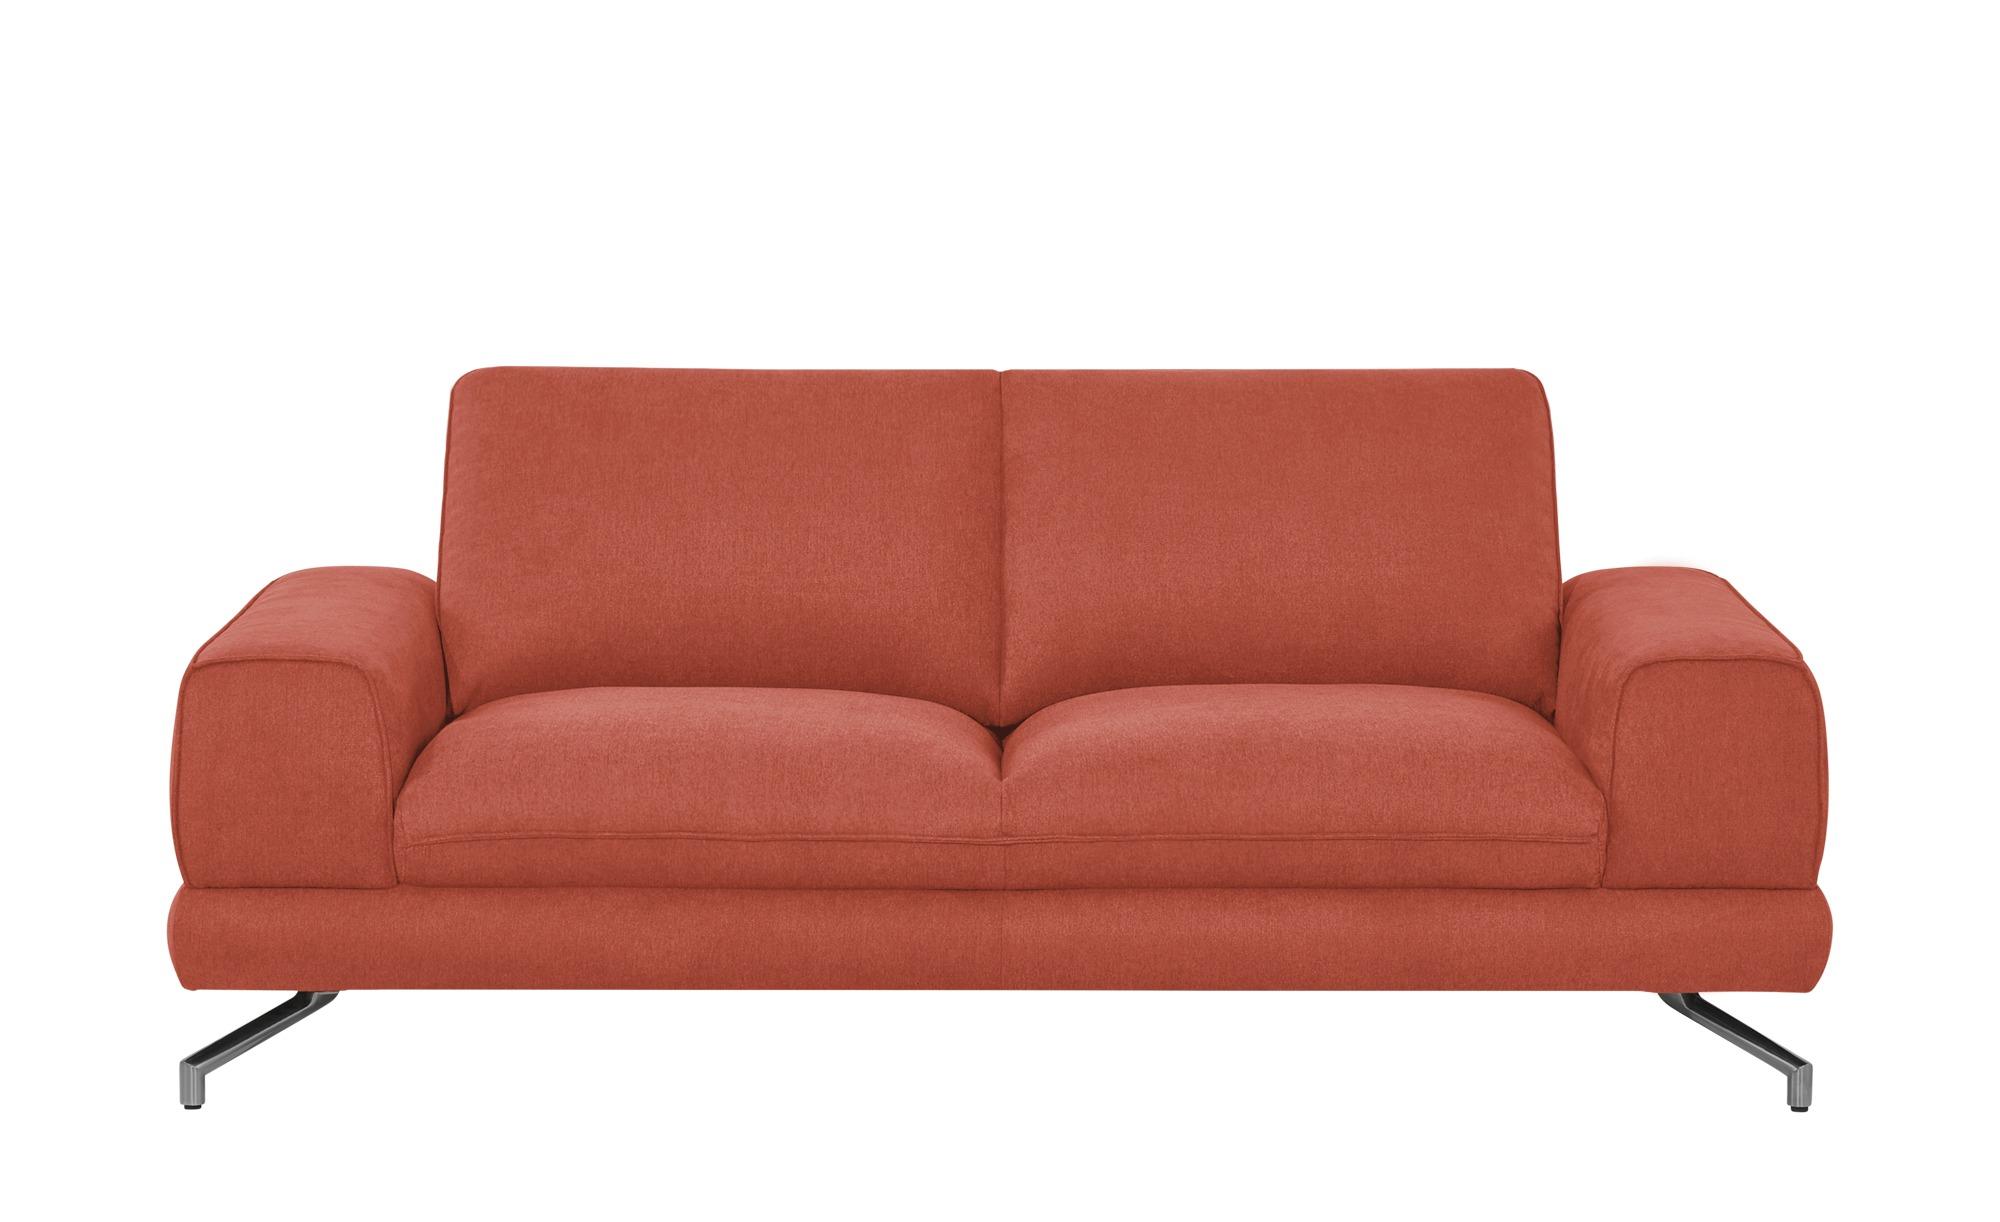 smart Sofa orange - Stoff Bonika ¦ orange ¦ Maße (cm): B: 198 H: 83 T: 95 Polstermöbel > Sofas > Einzelsofas - Höffner